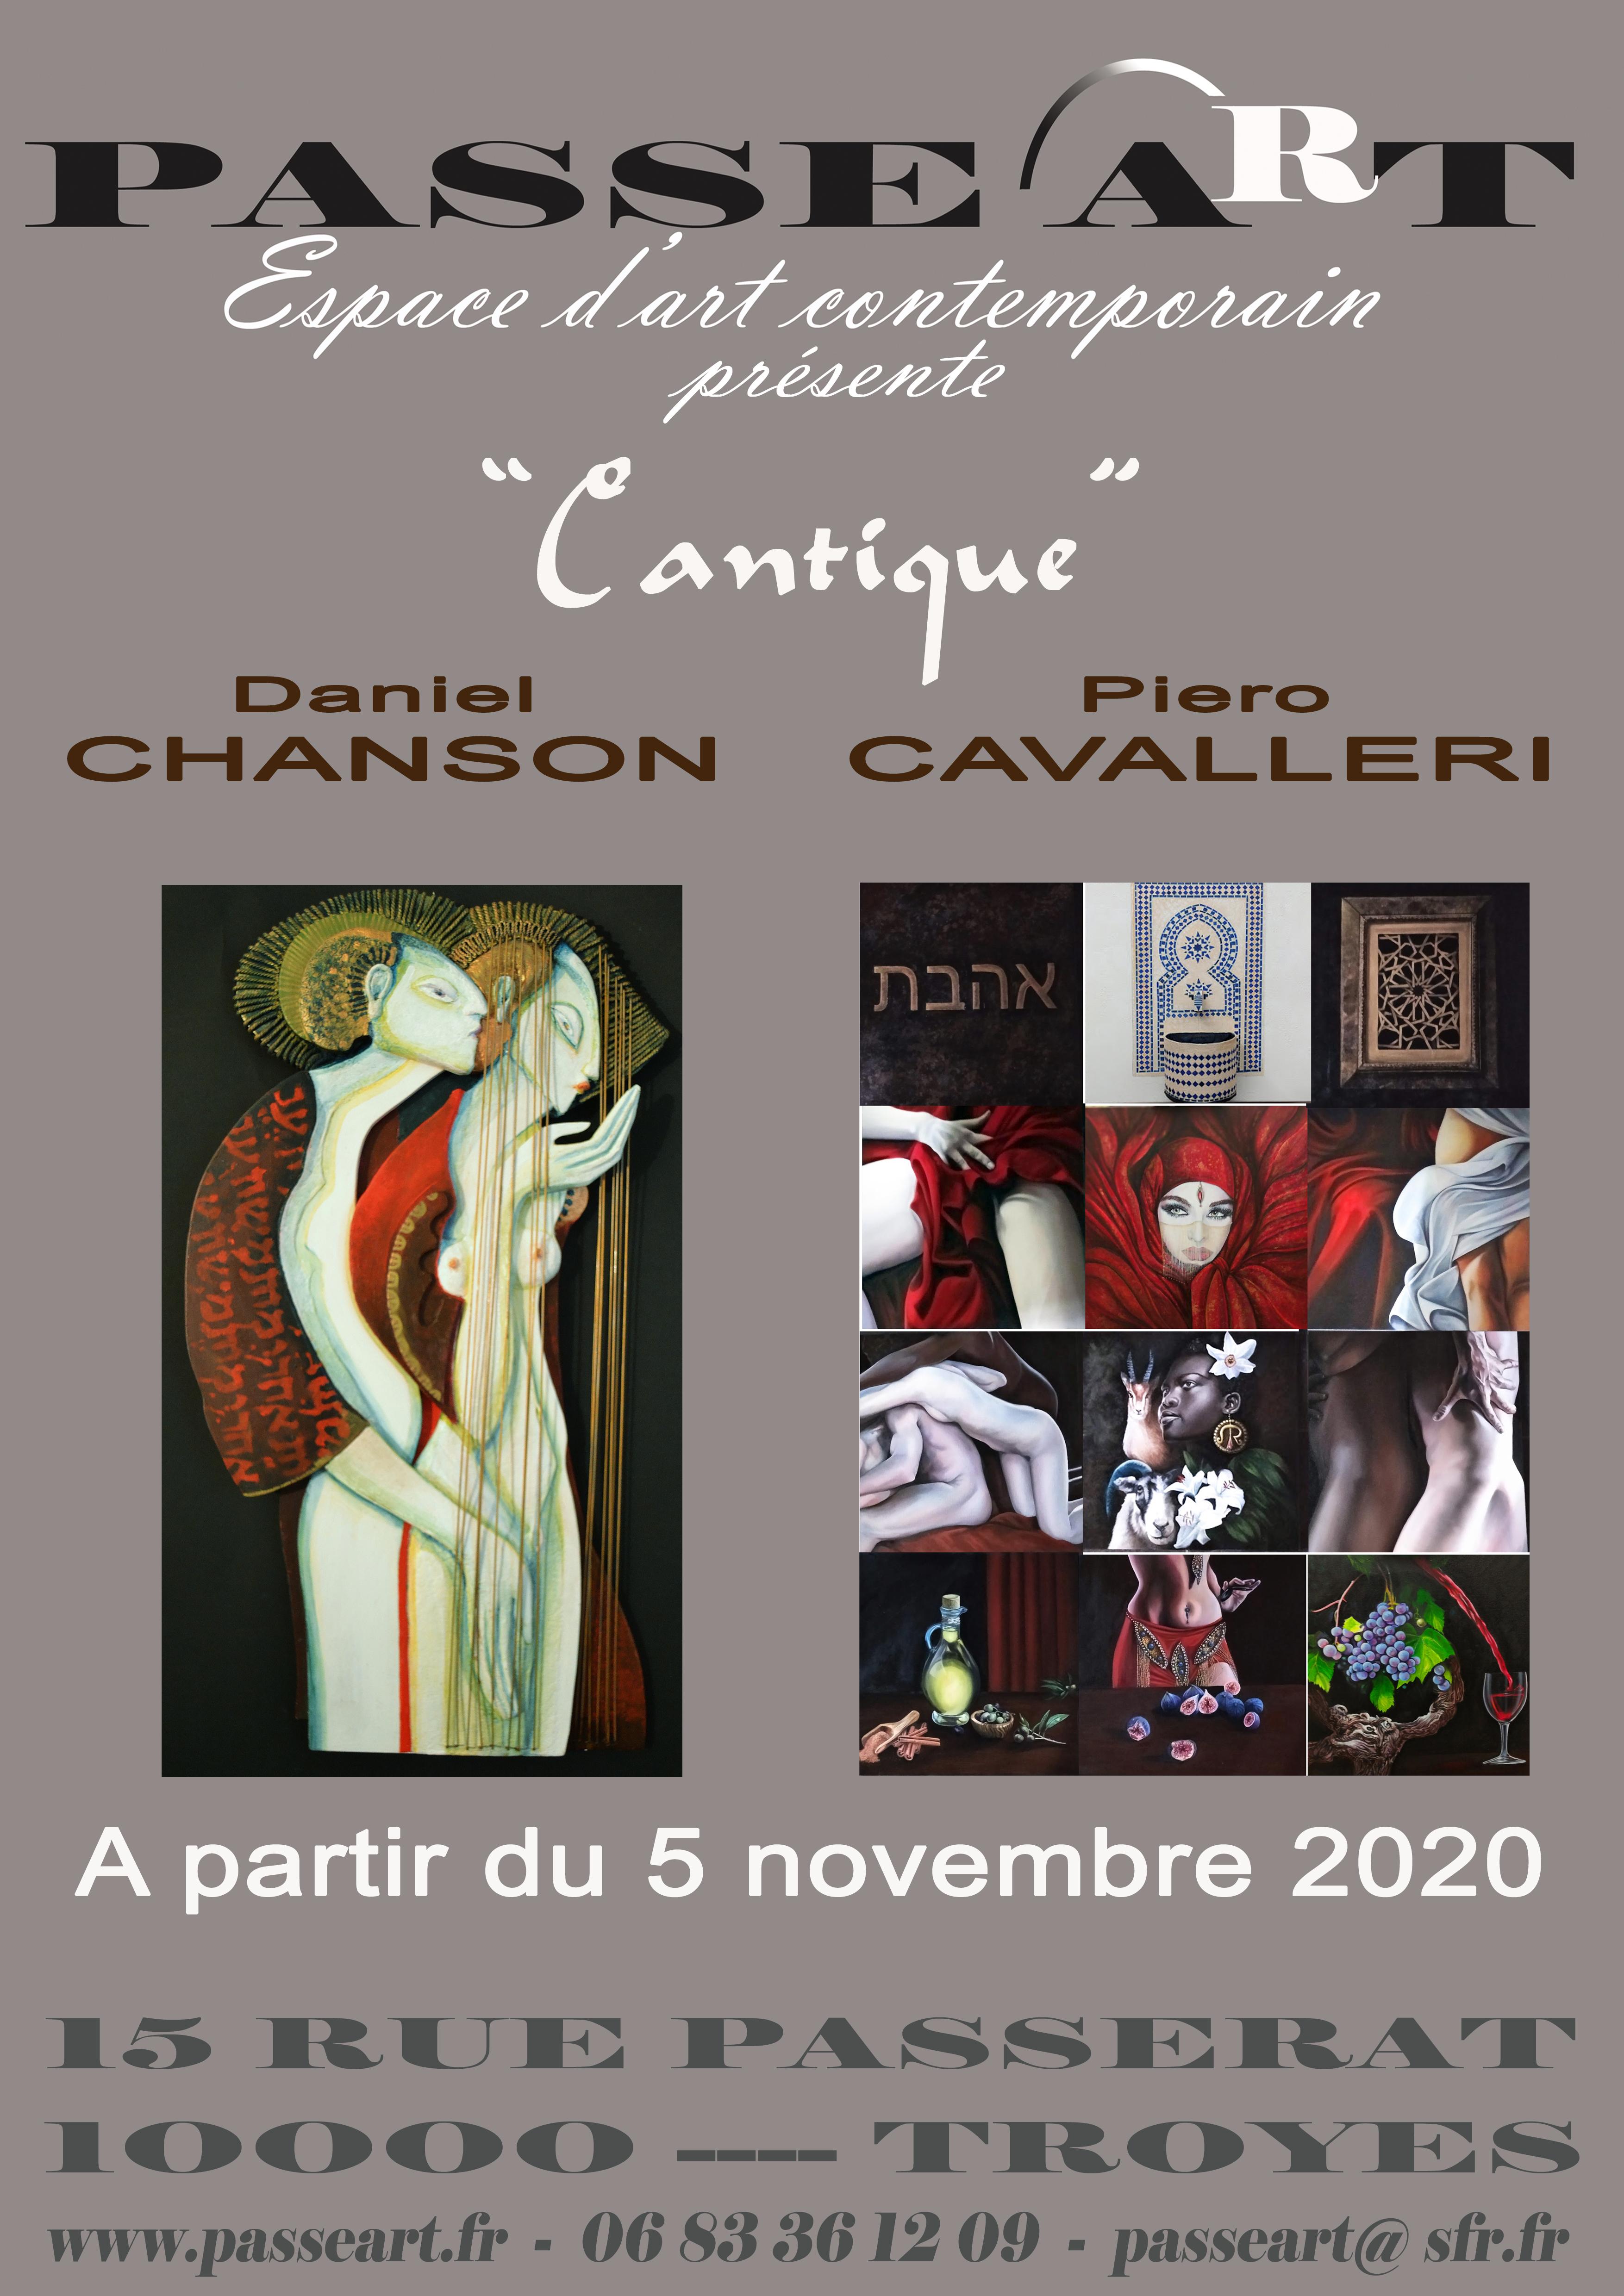 Image Aubois vous Informent